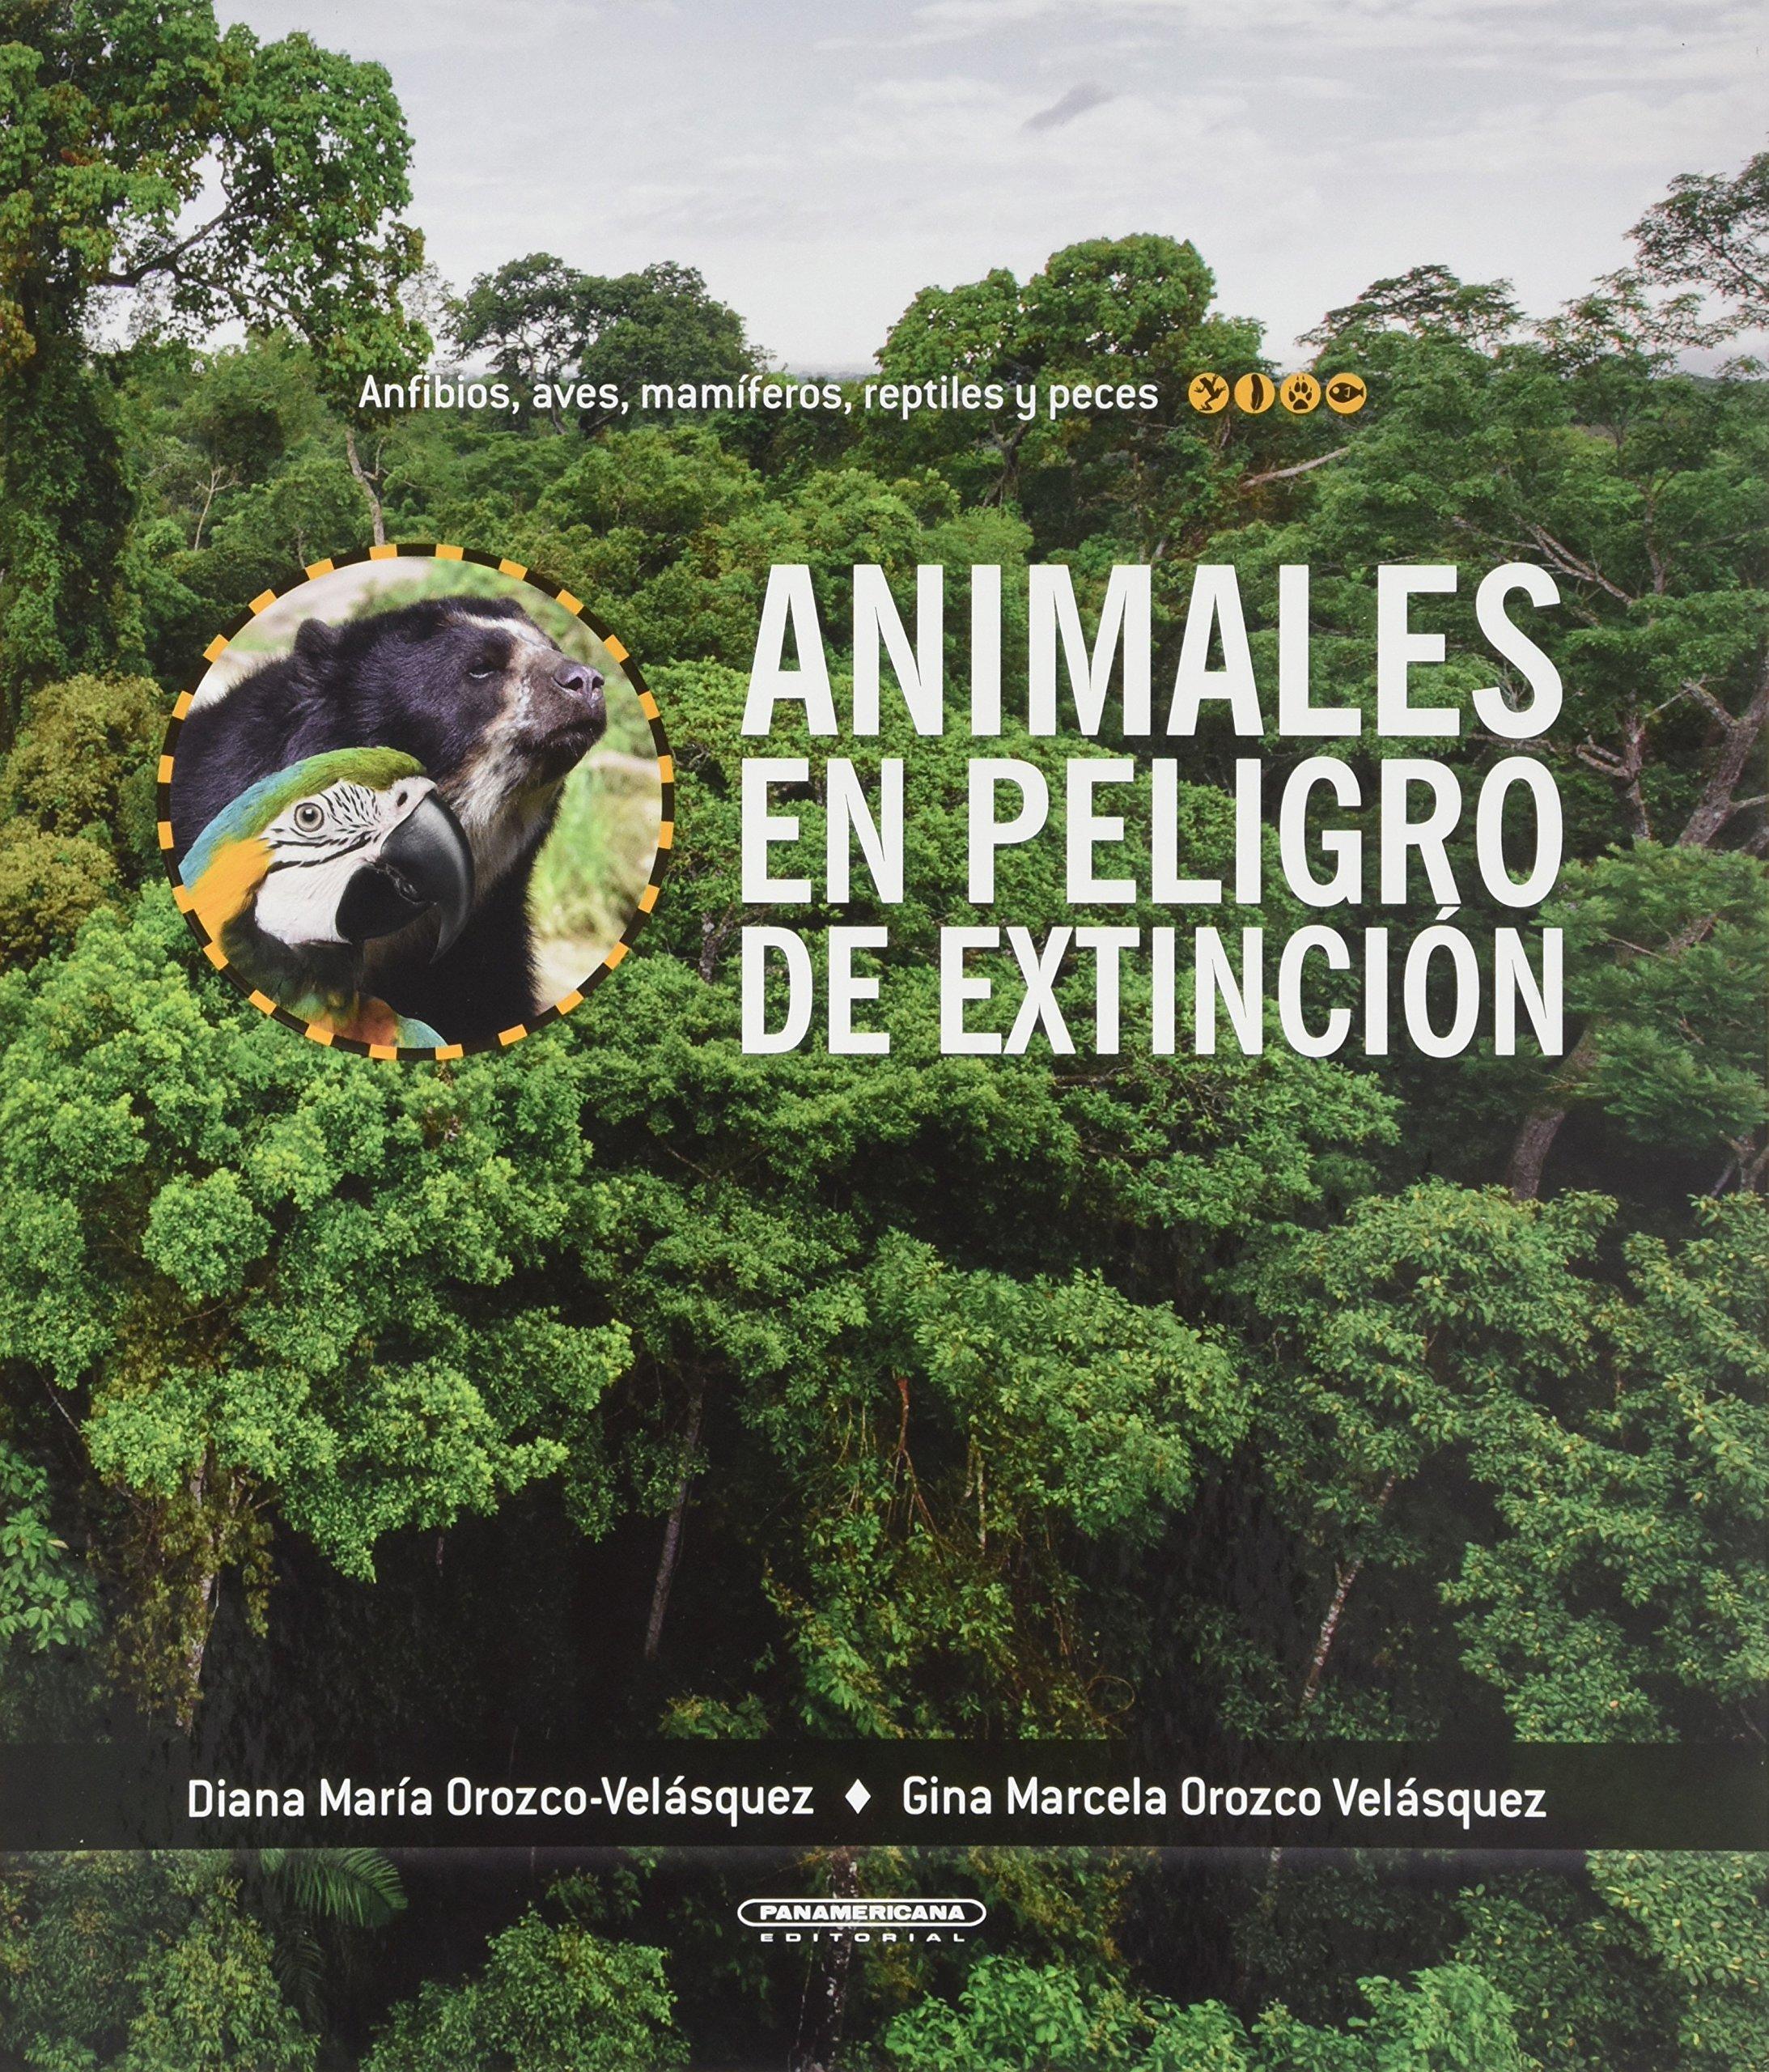 Animales en peligro de extinción (Spanish Edition): Varios, Panamericana:  9789583054556: Amazon.com: Books